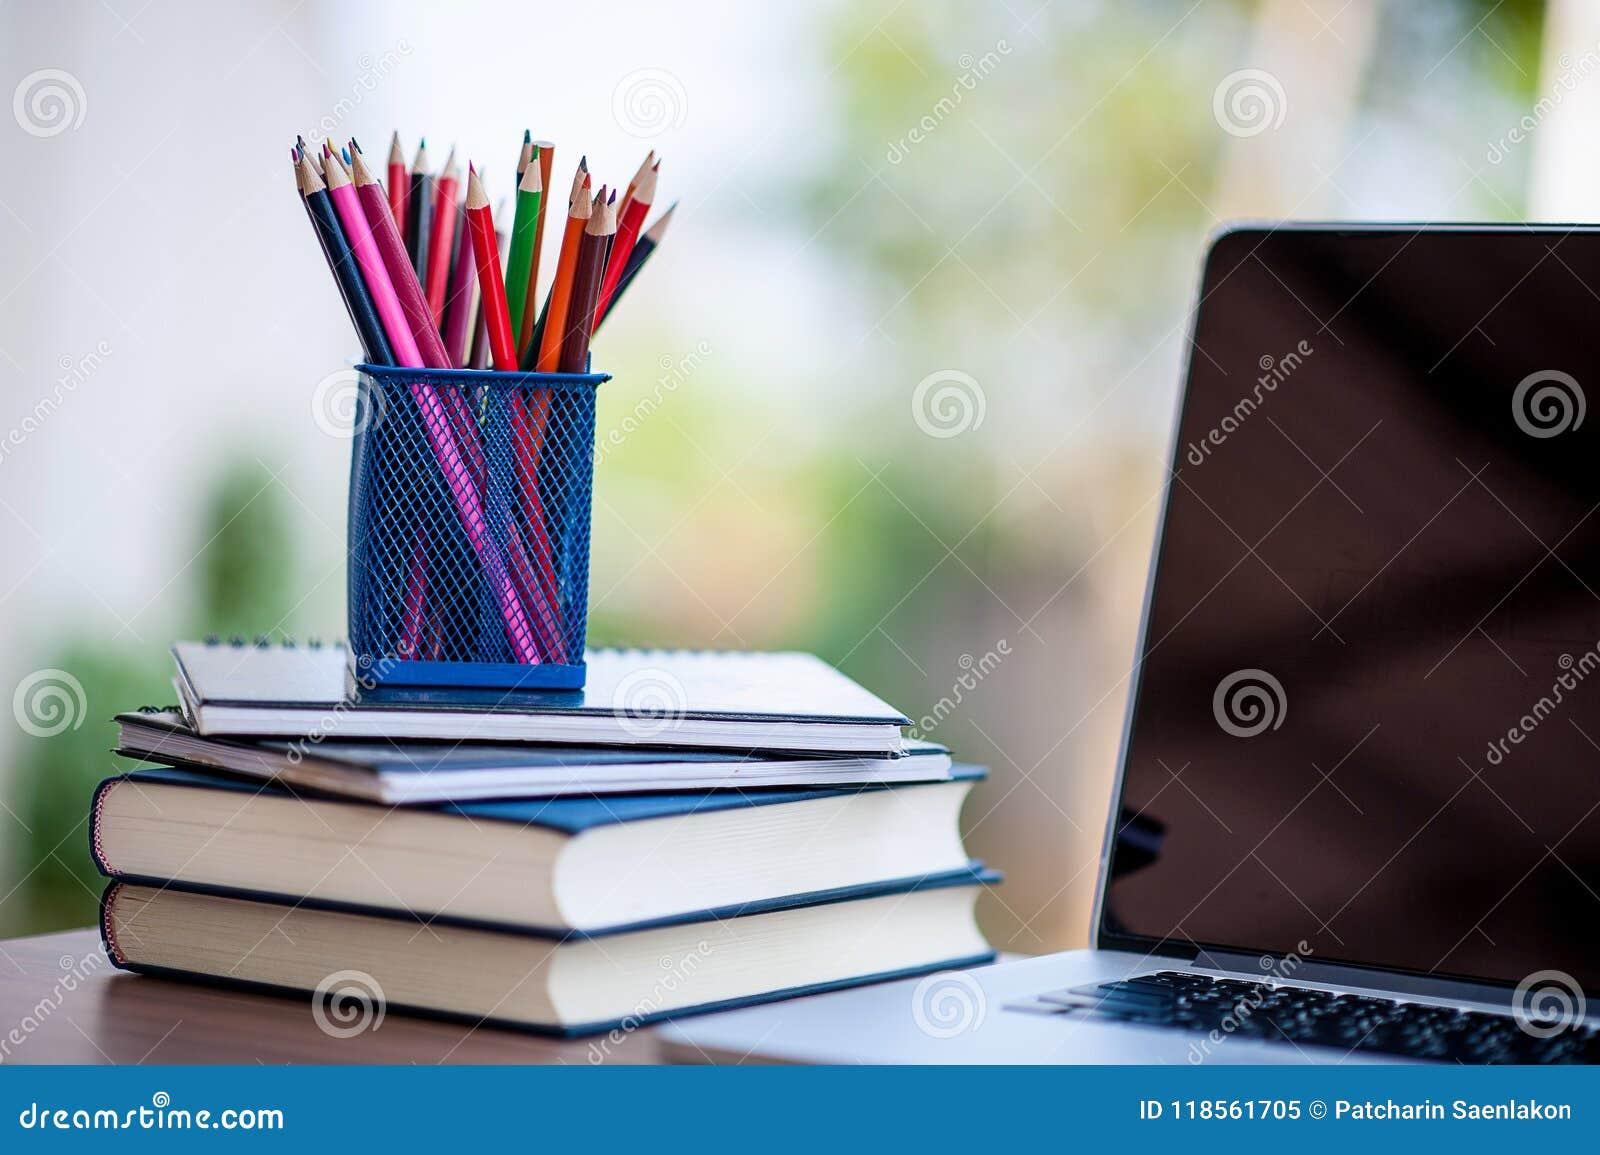 фото карандашей и книжек как-то рейтинговать, так